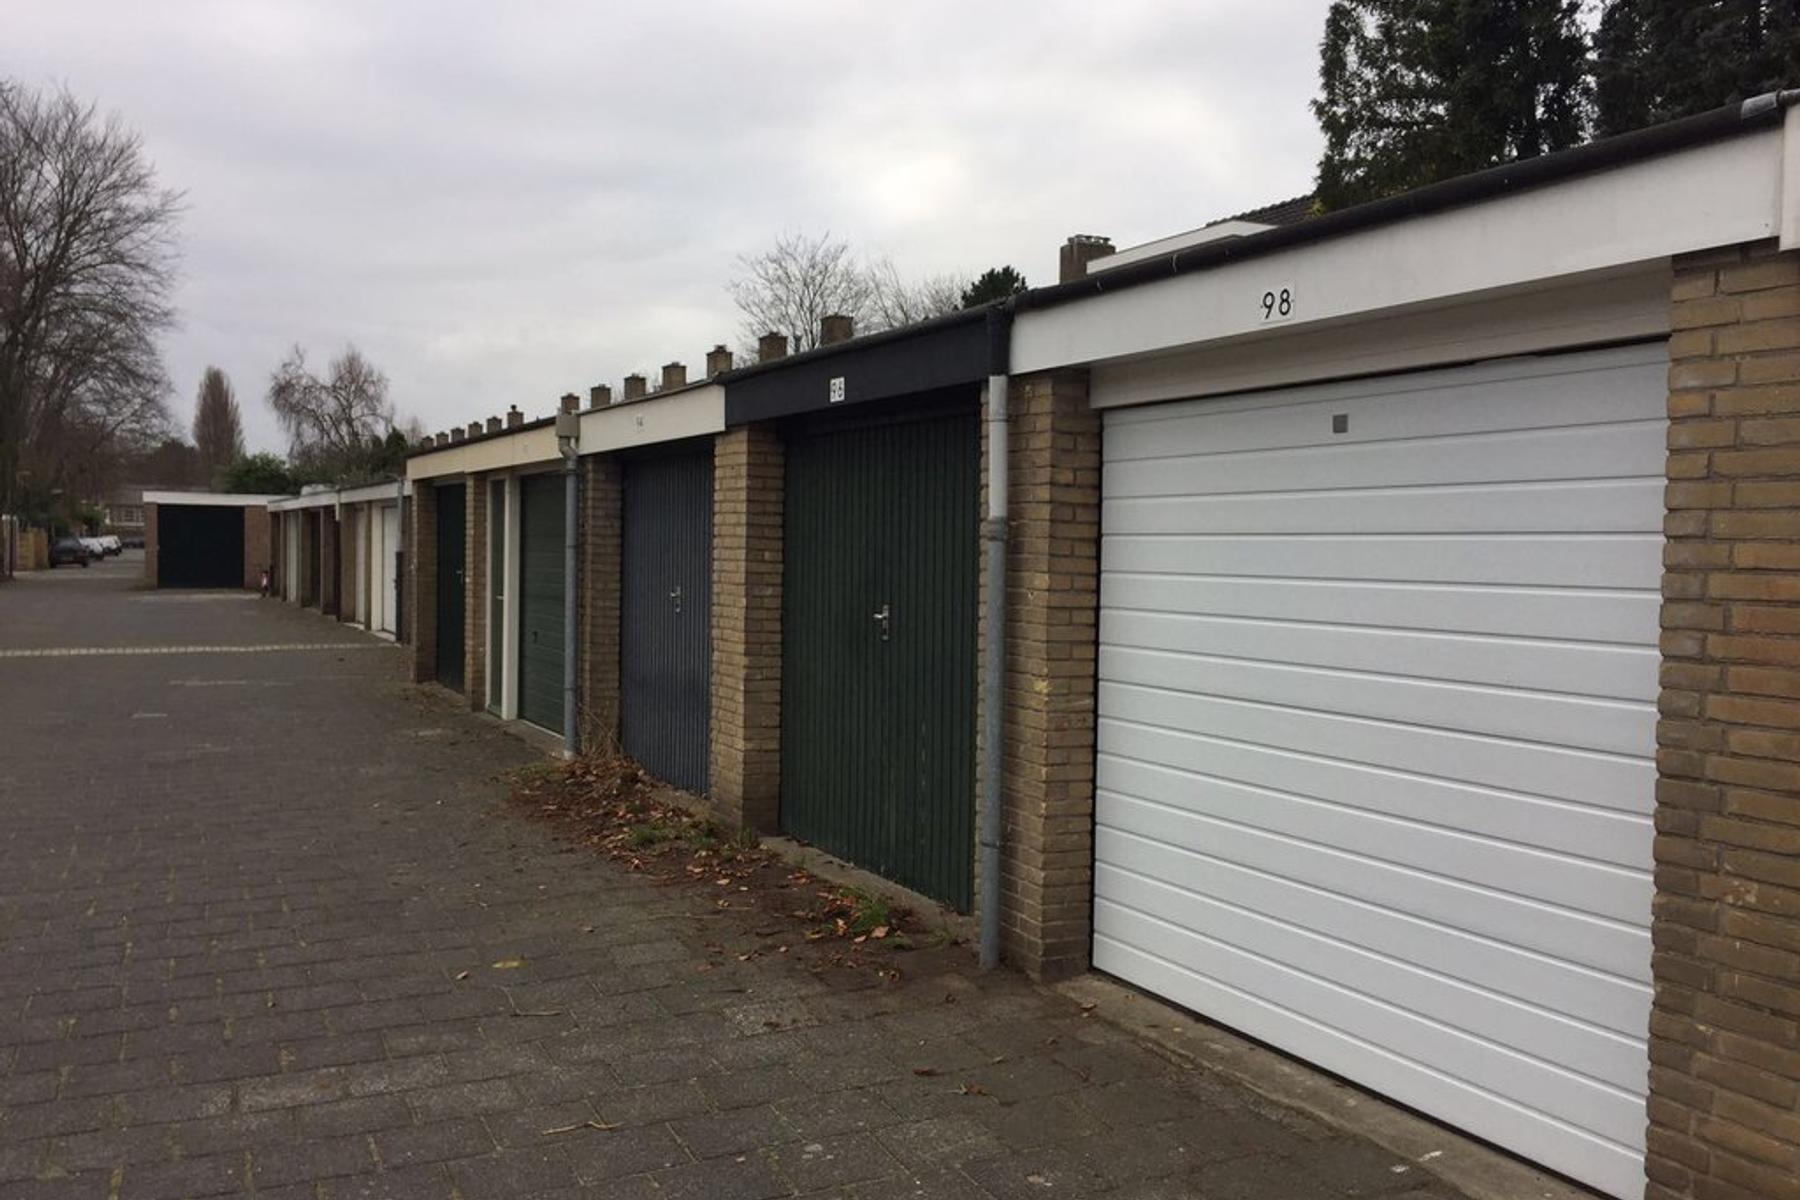 Fabritiuslaan 98 in Wassenaar 2241 JV